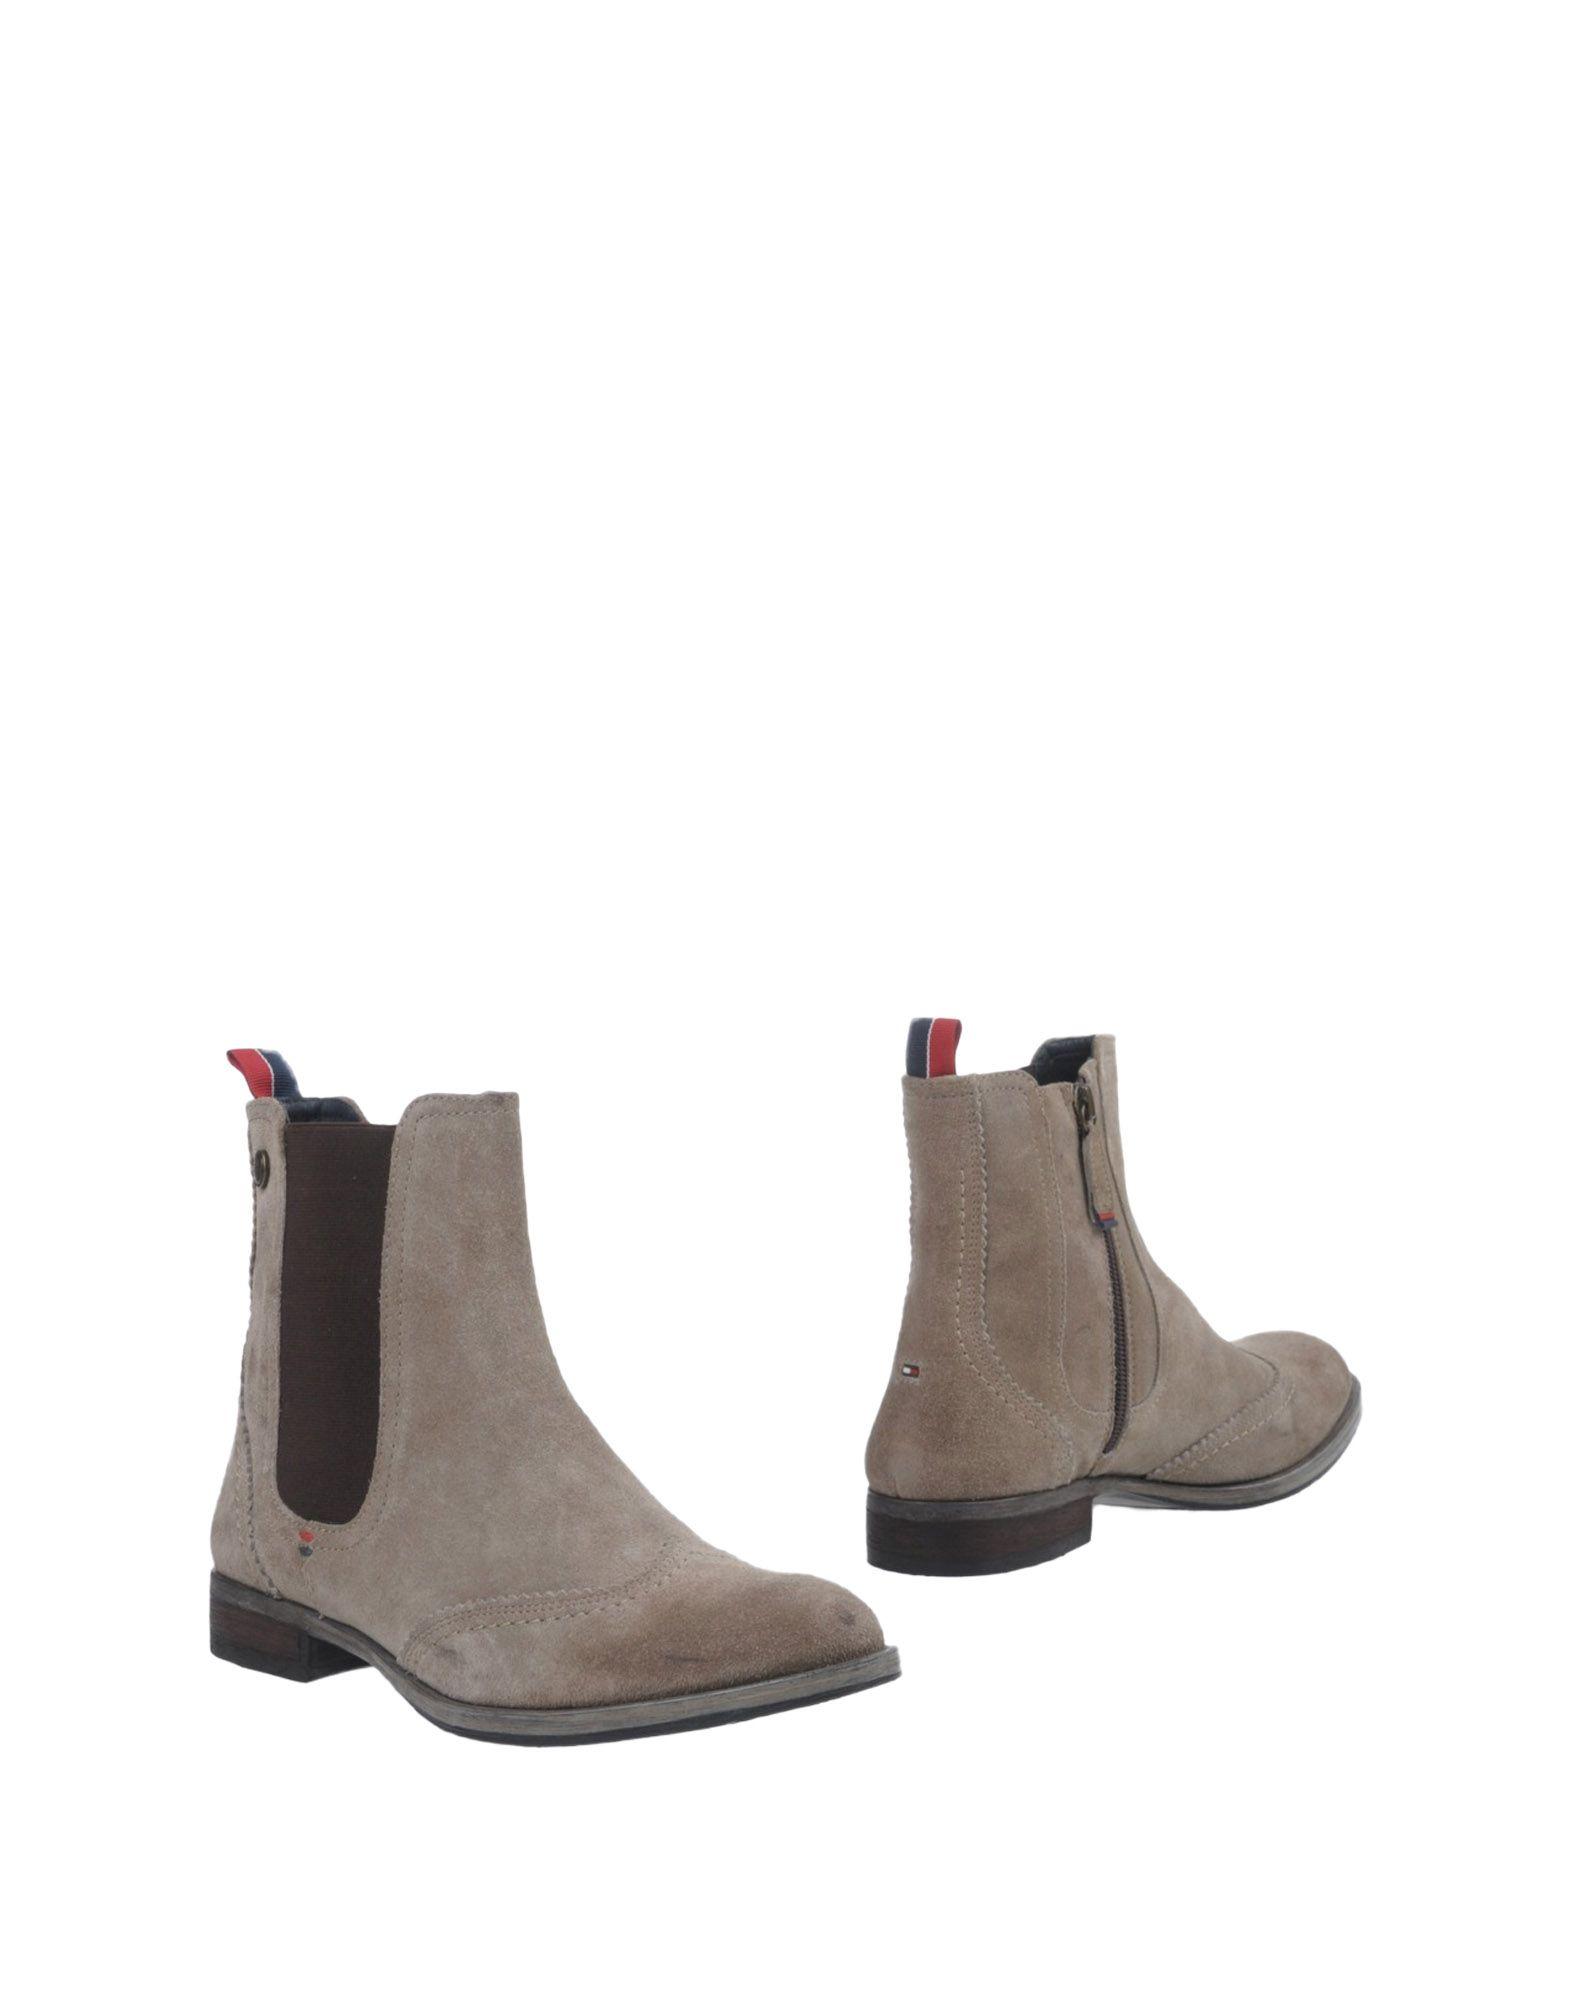 TOMMY HILFIGER Полусапоги и высокие ботинки tommy hilfiger полусапоги и высокие ботинки